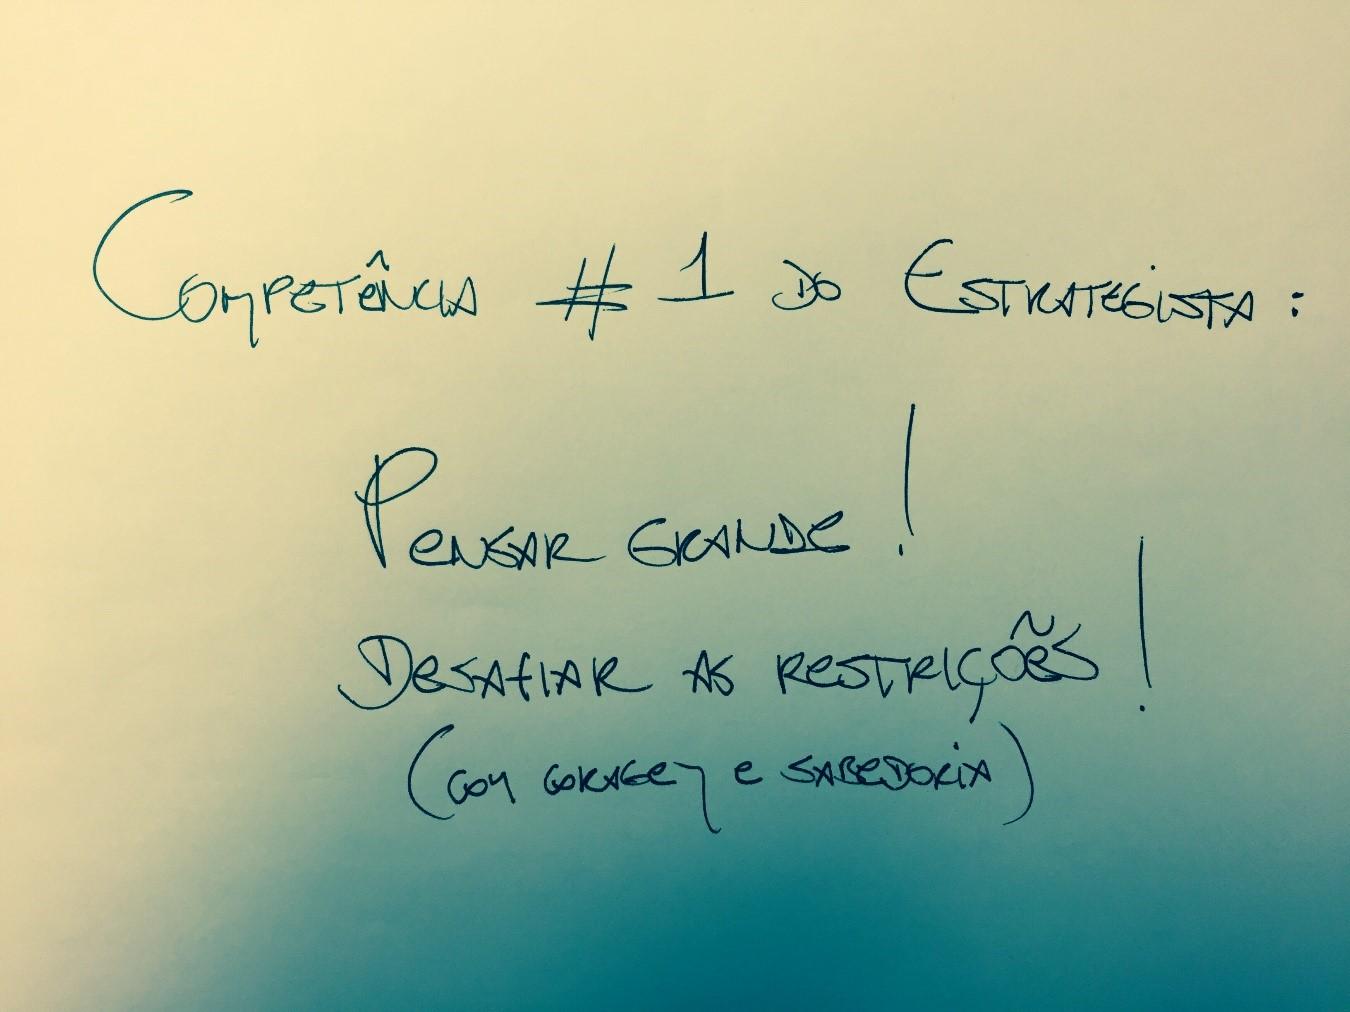 artigo 1 competencia do estrategista